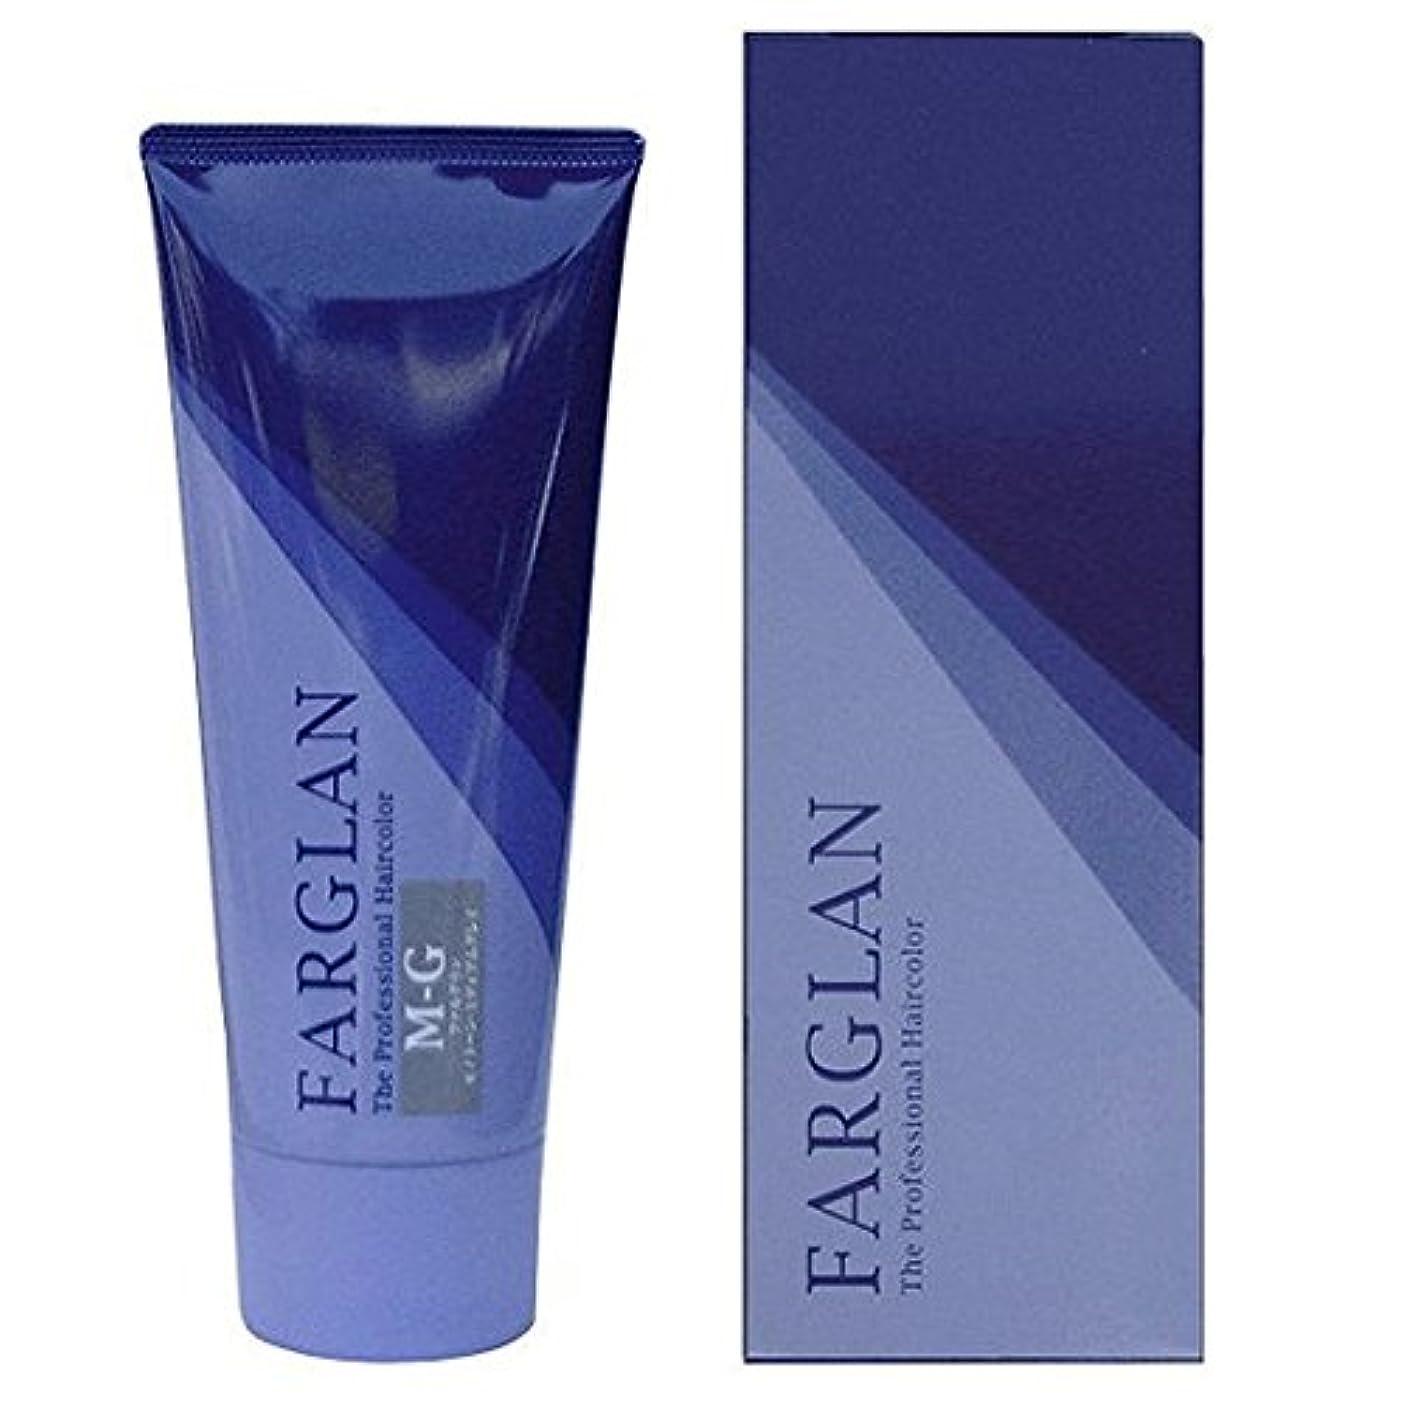 民間比較通り抜けるFARGLAN(ファルグラン) ヘアカラー BL(BLUE) 160g